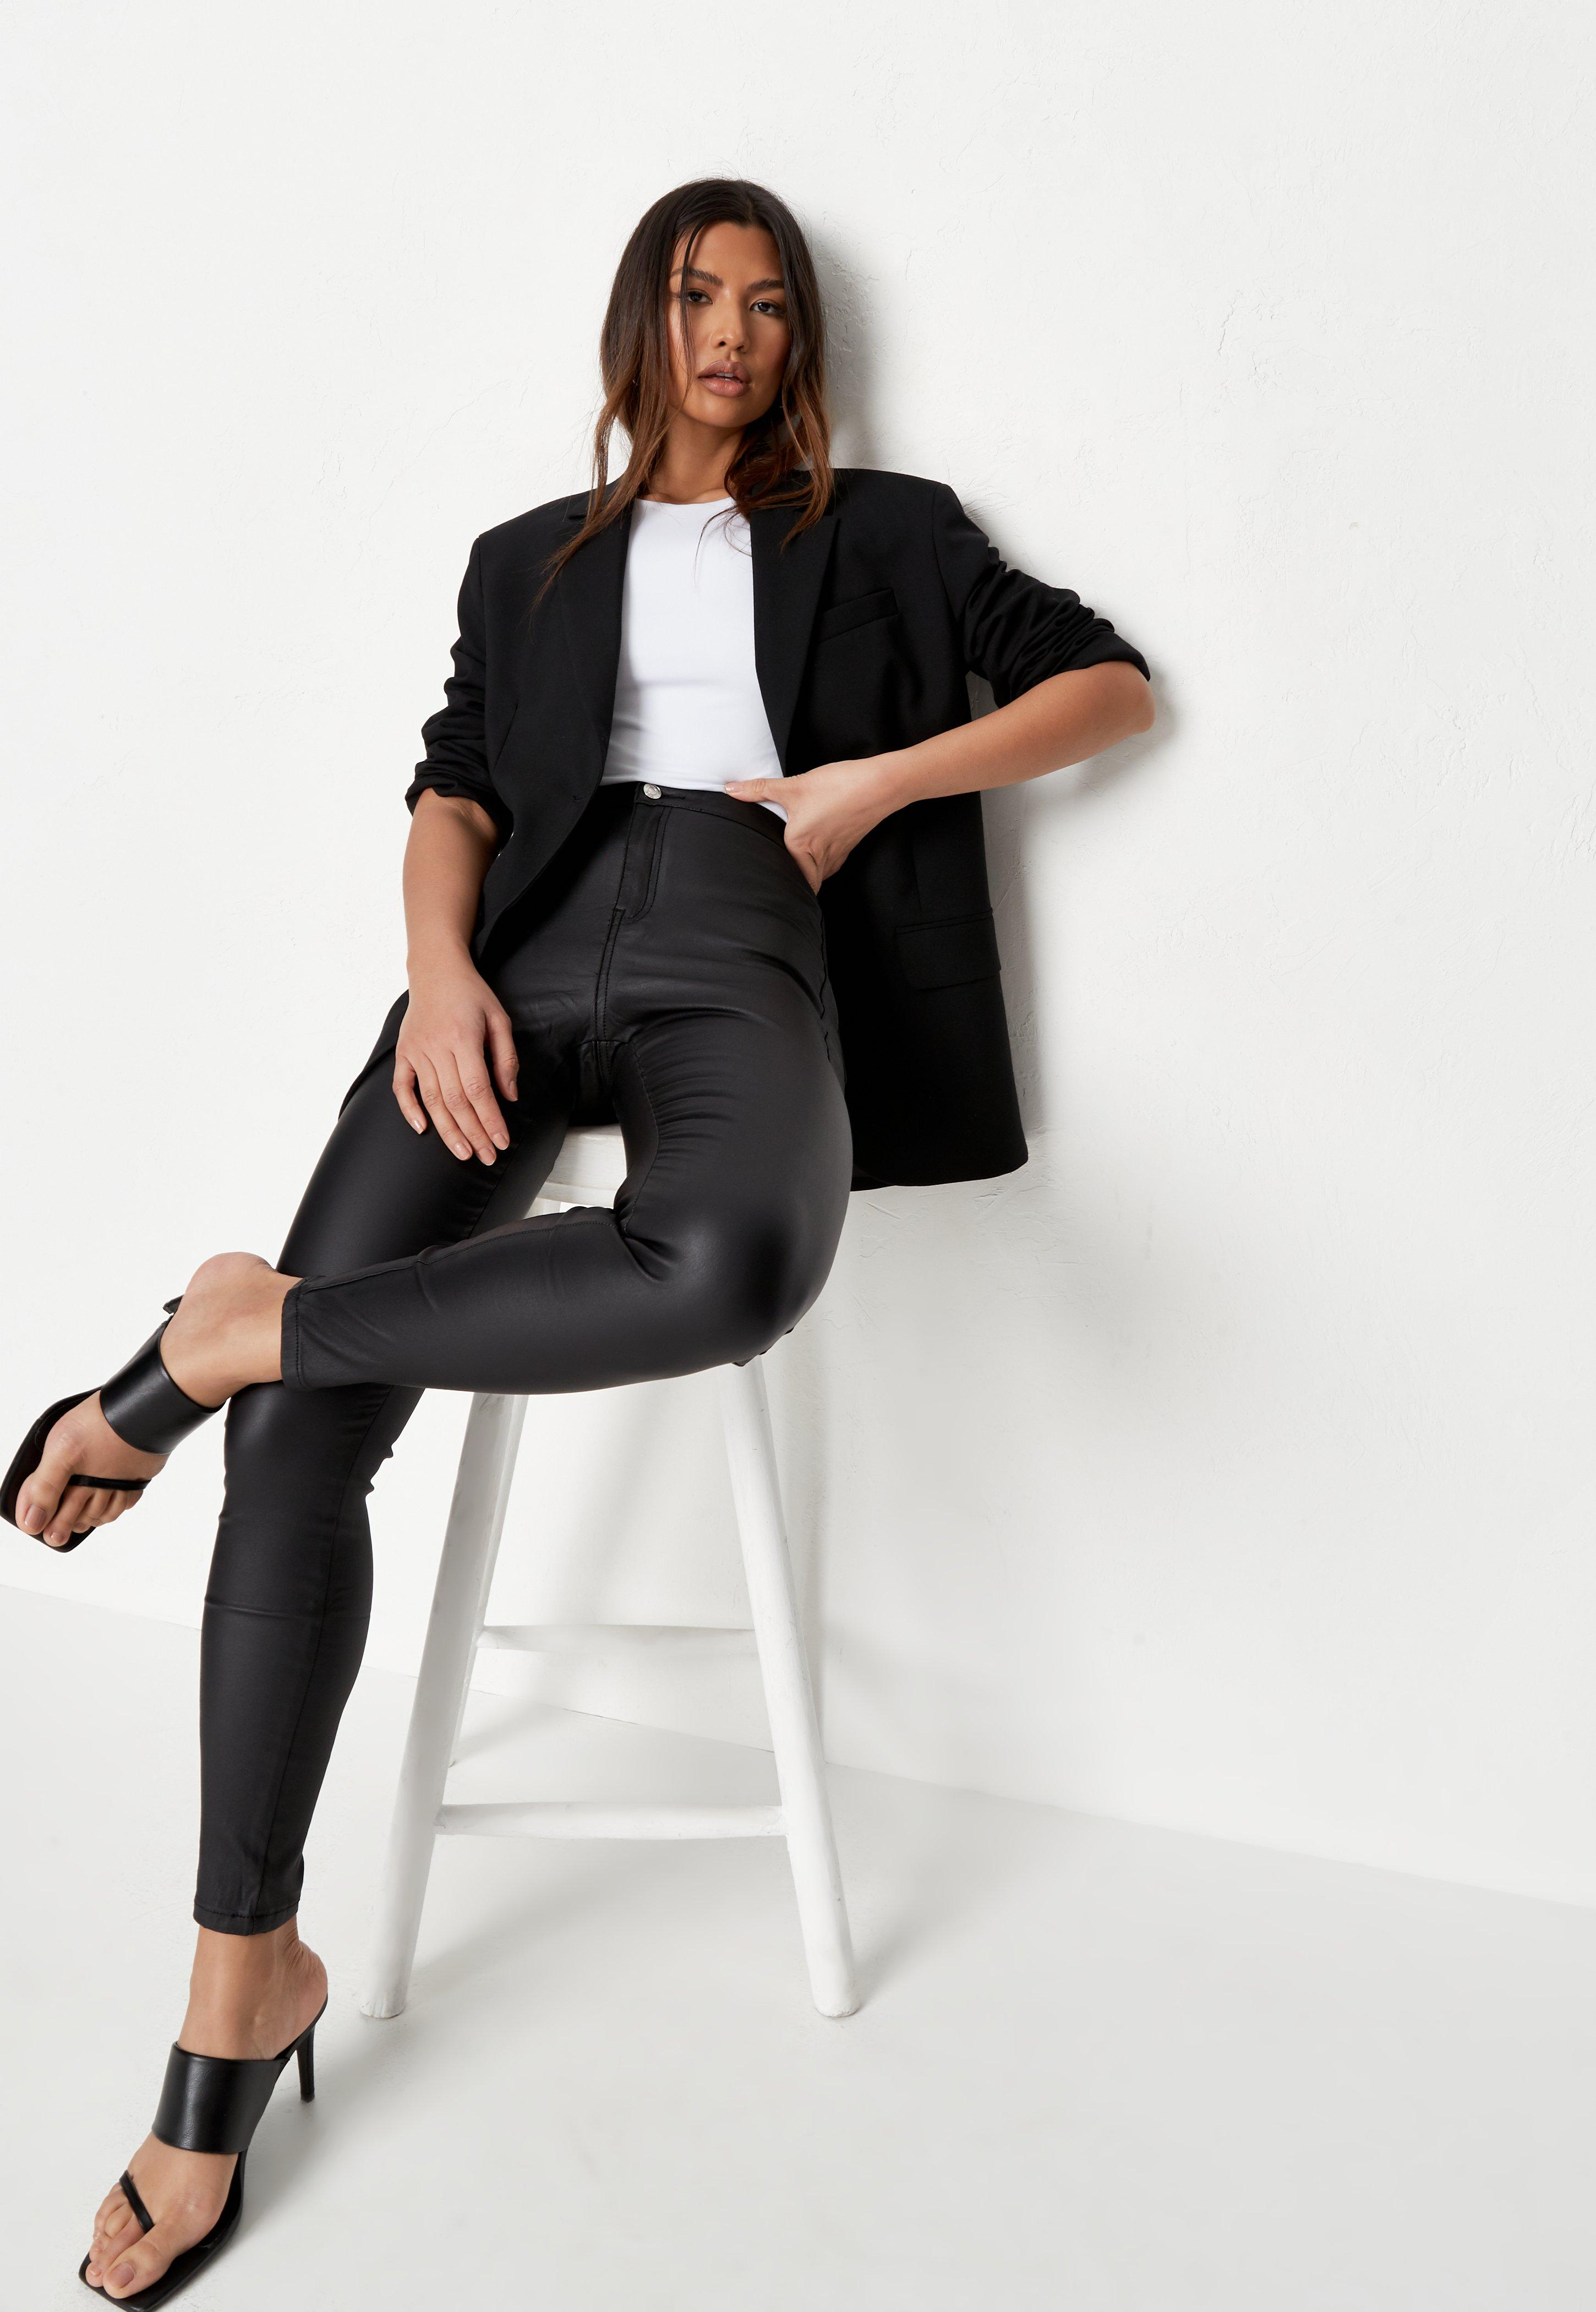 neuer Stil von 2019 der Verkauf von Schuhen günstig Tall Beschichtete Vice-Skinny-Jeans mit hohem Bund in Schwarz